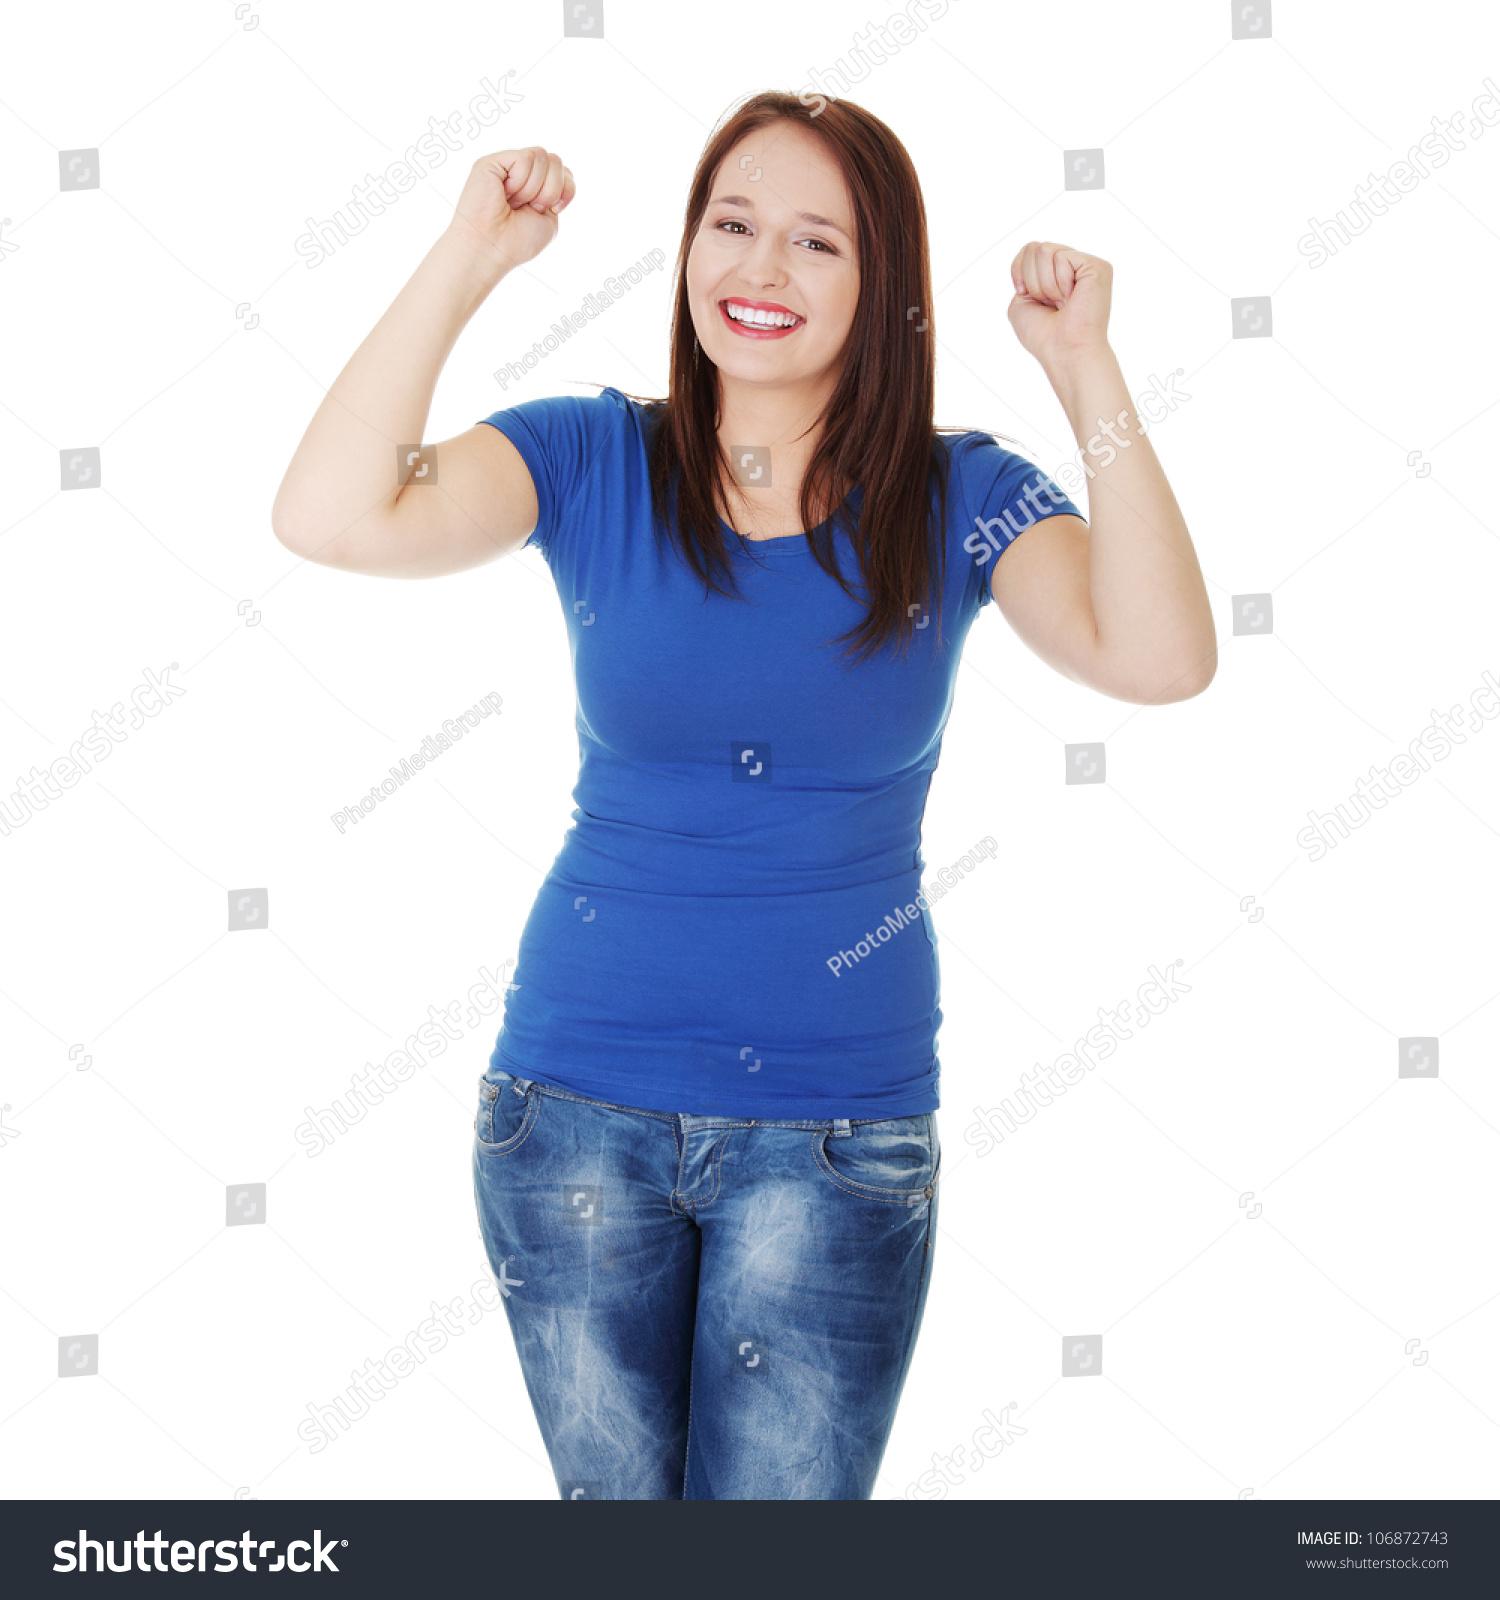 Happy Woman Wearing Jeans Blue Tshirt Stock Photo 106872743 - Shutterstock